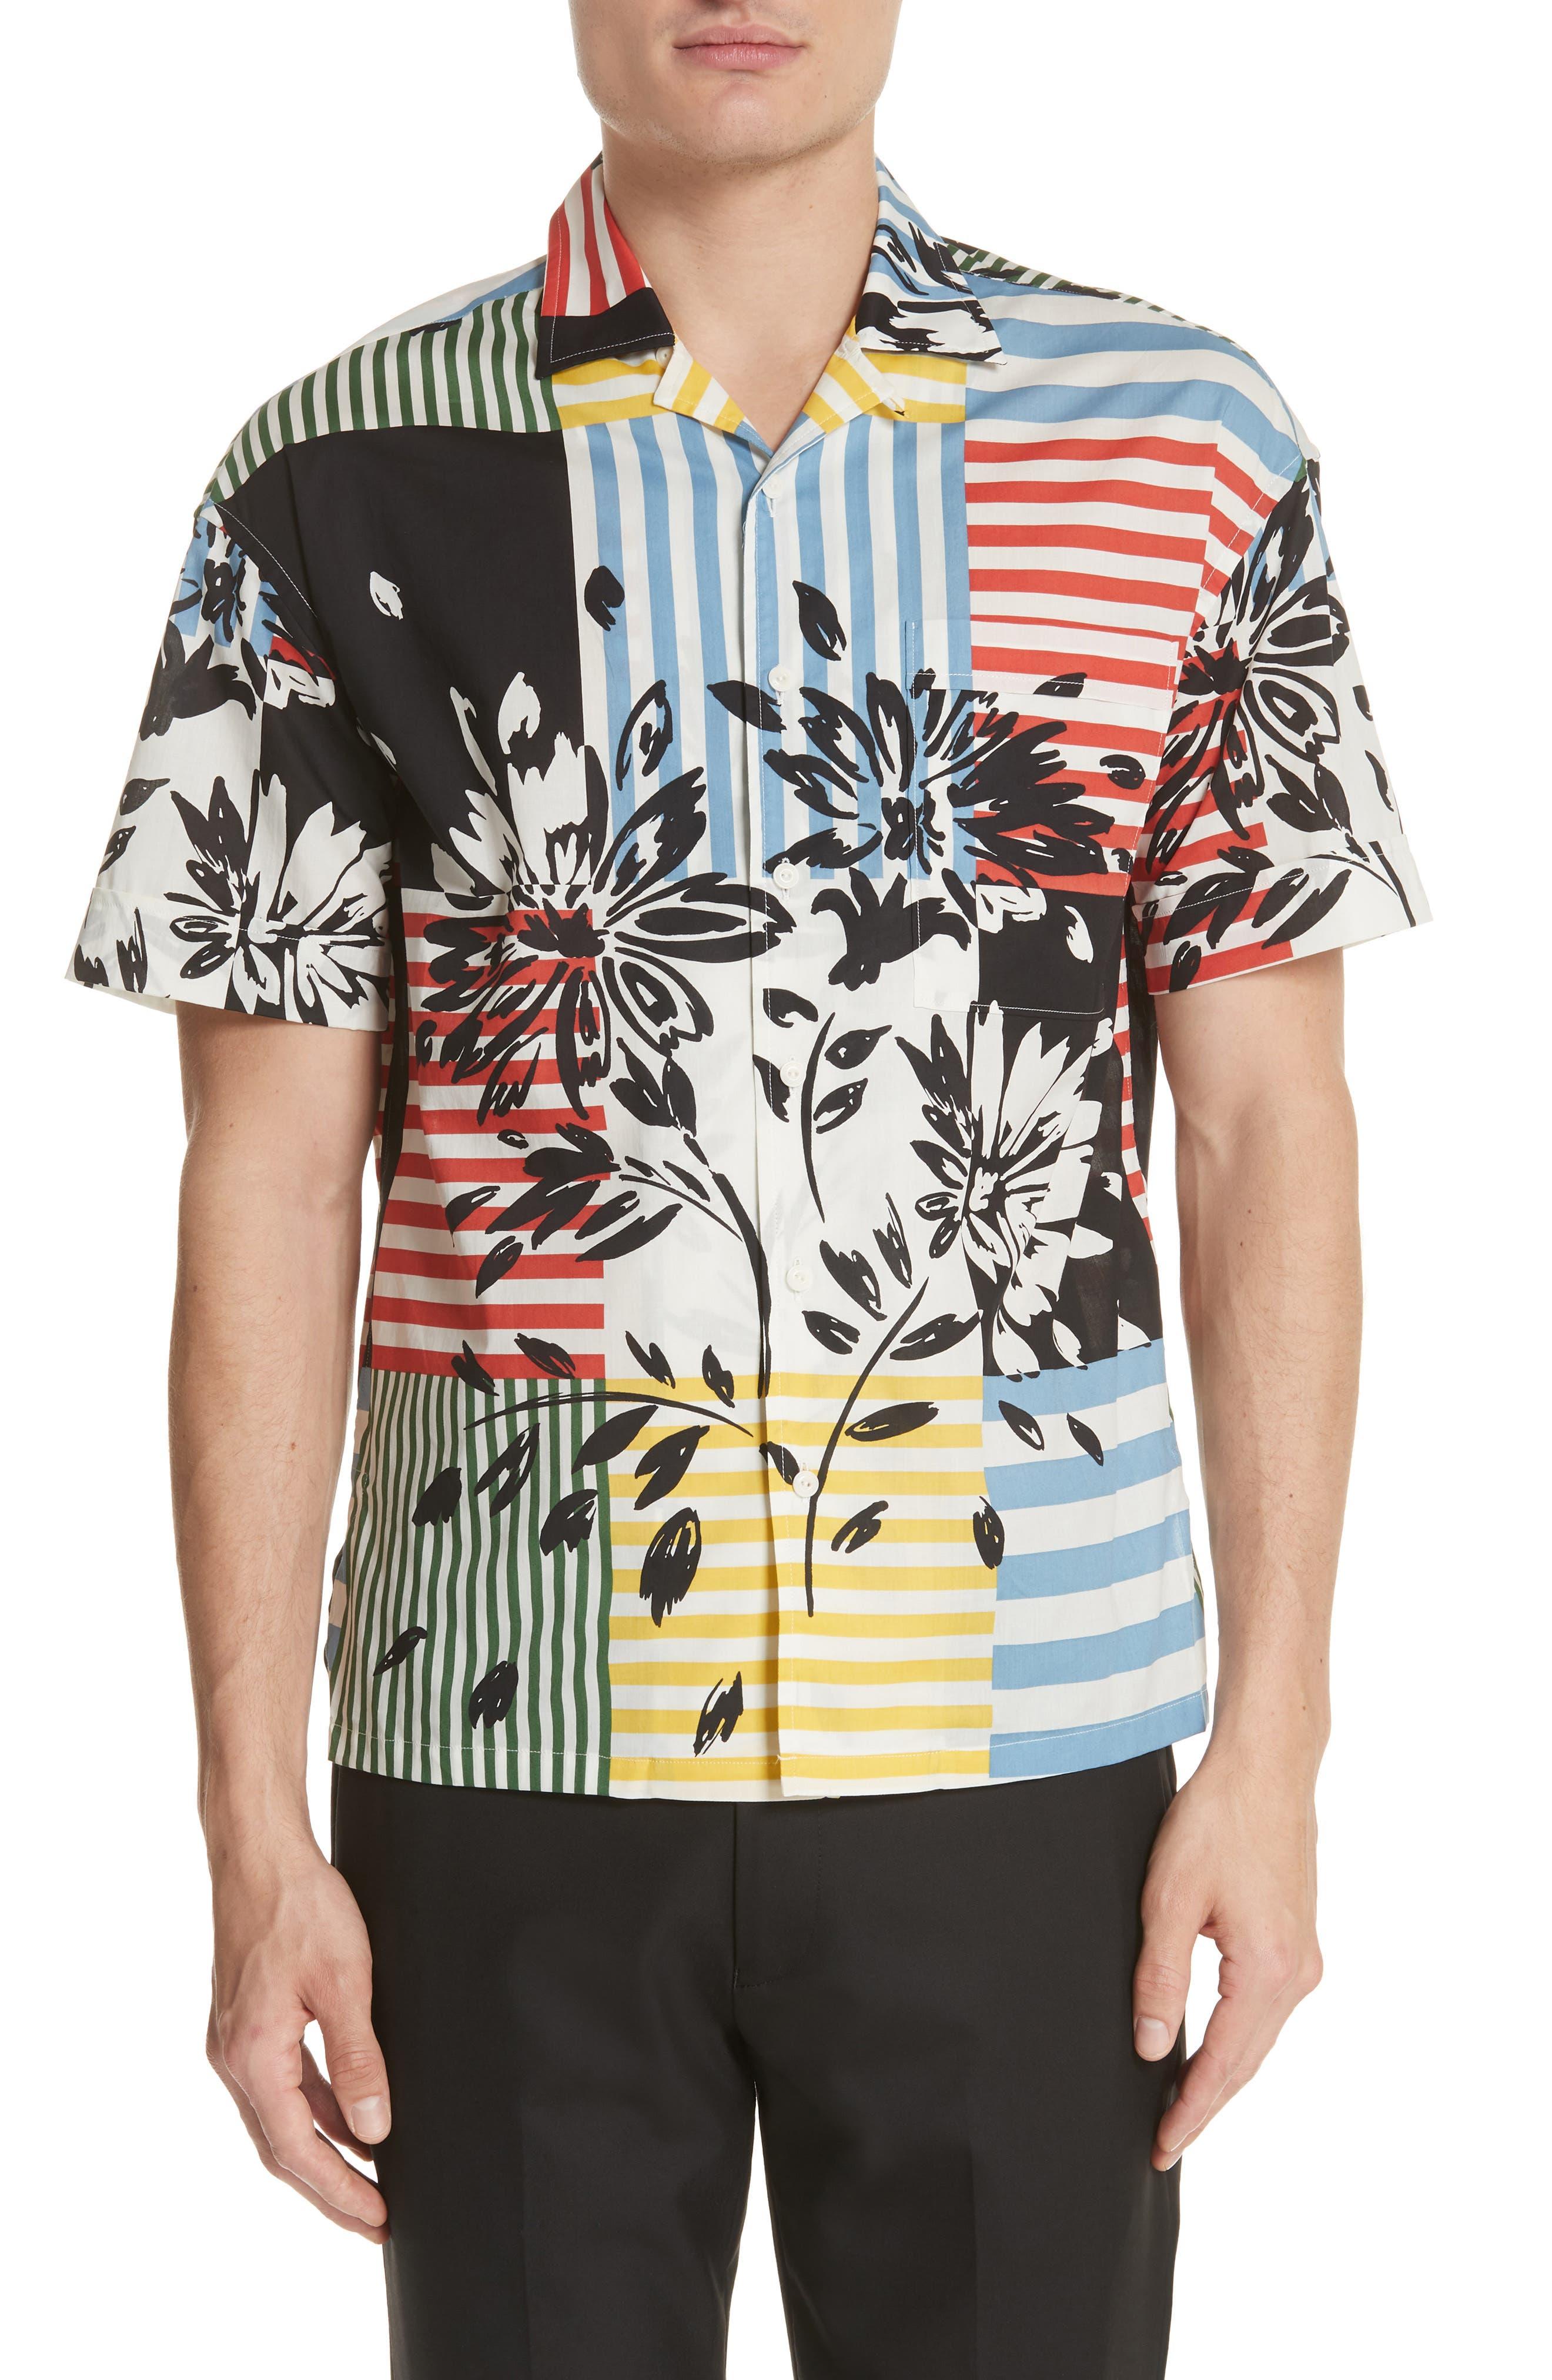 Harley Print Shirt,                         Main,                         color, 409